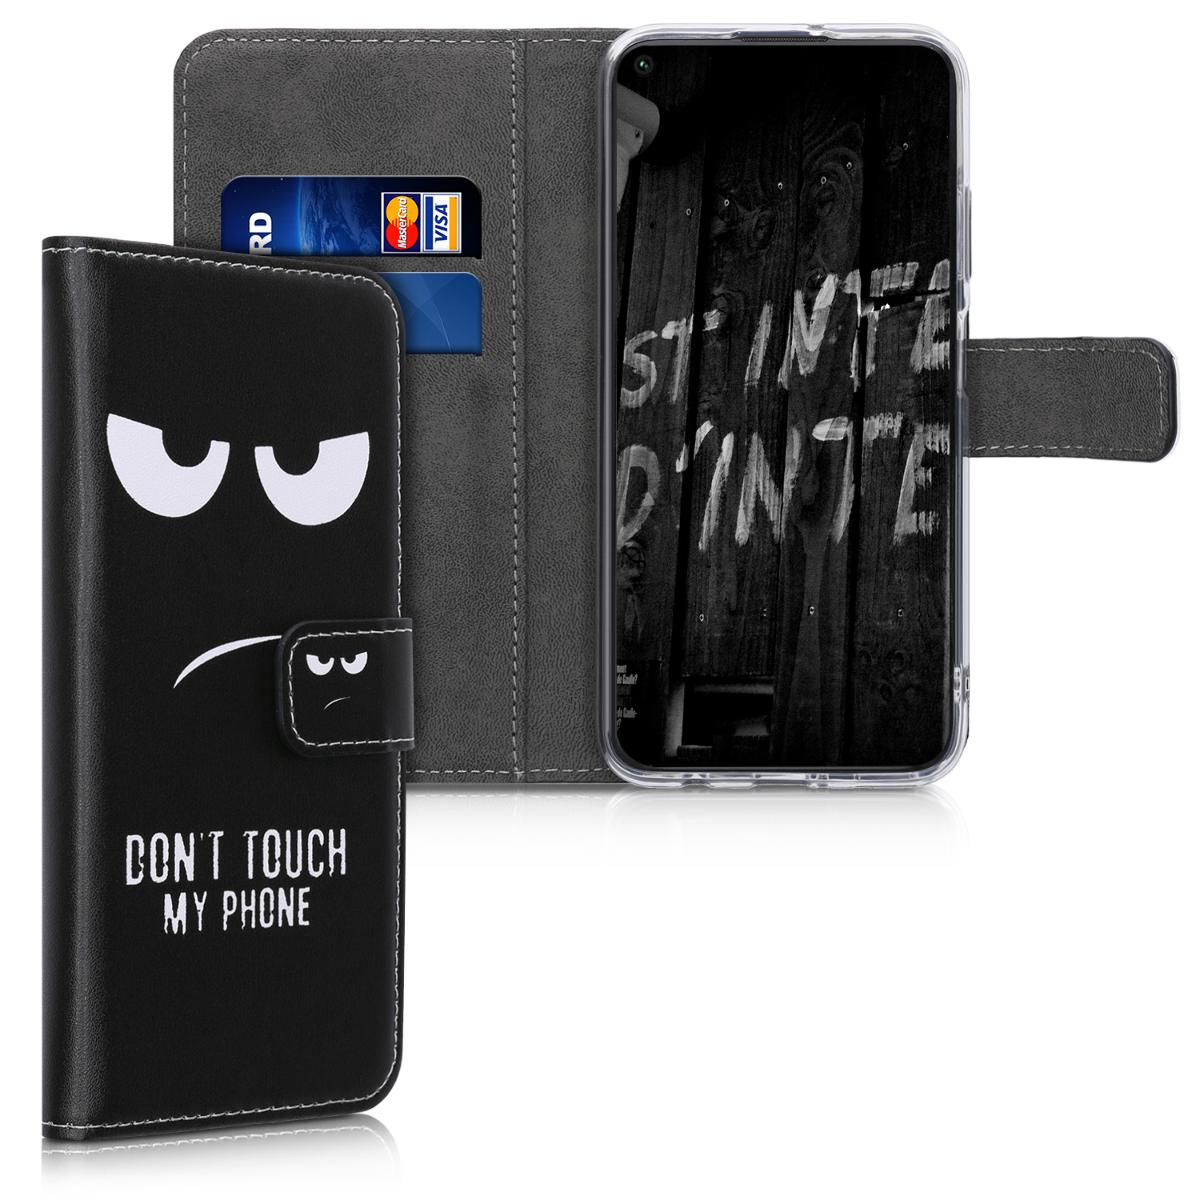 Černé kožené Don't Touch pouzdro / obal jako peněženka pro Huawei P40 Lite